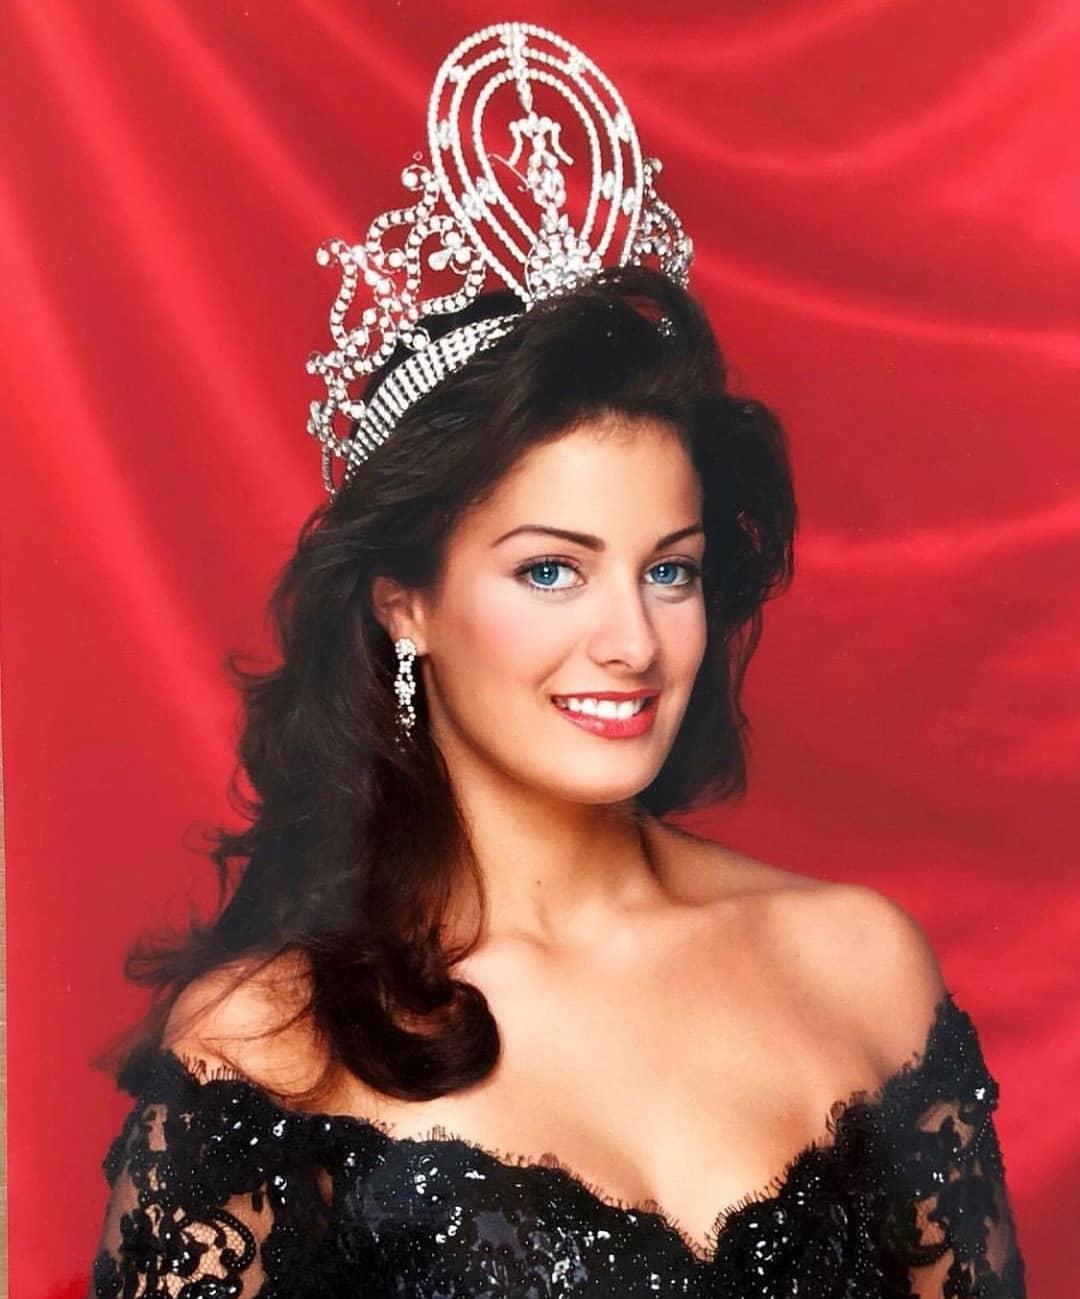 Узнайте, кто стал Мисс Вселенная в год вашего рождения-Фото 16